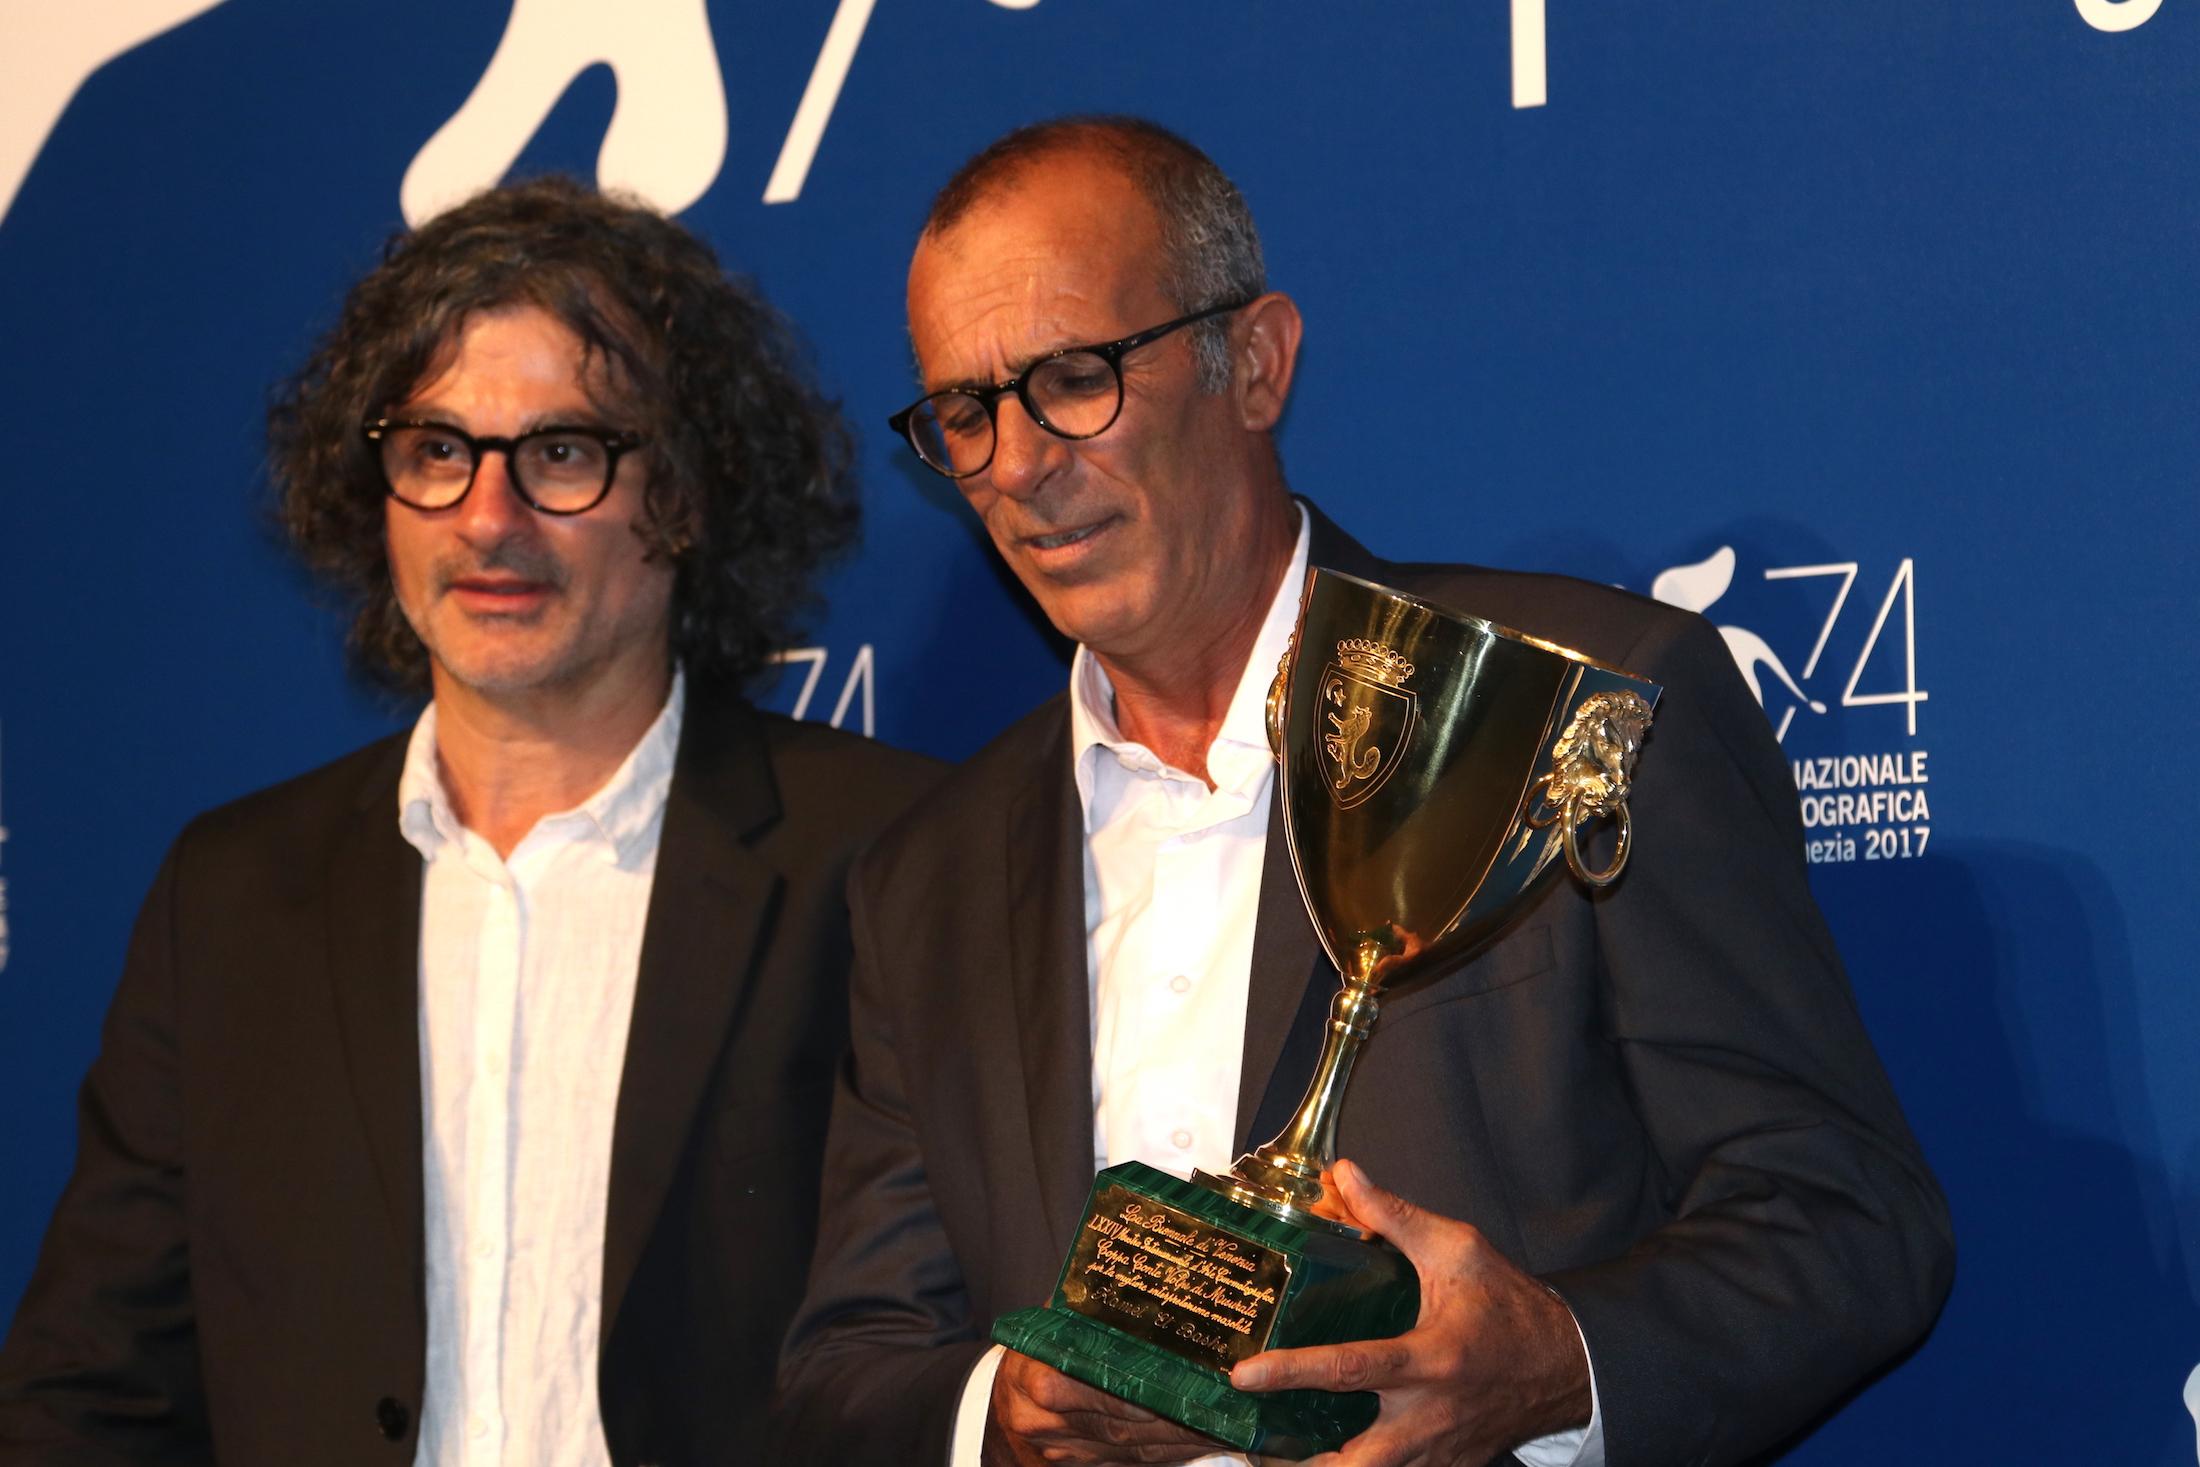 Venezia 2017: Kamel El Basha al photocall dei premiati